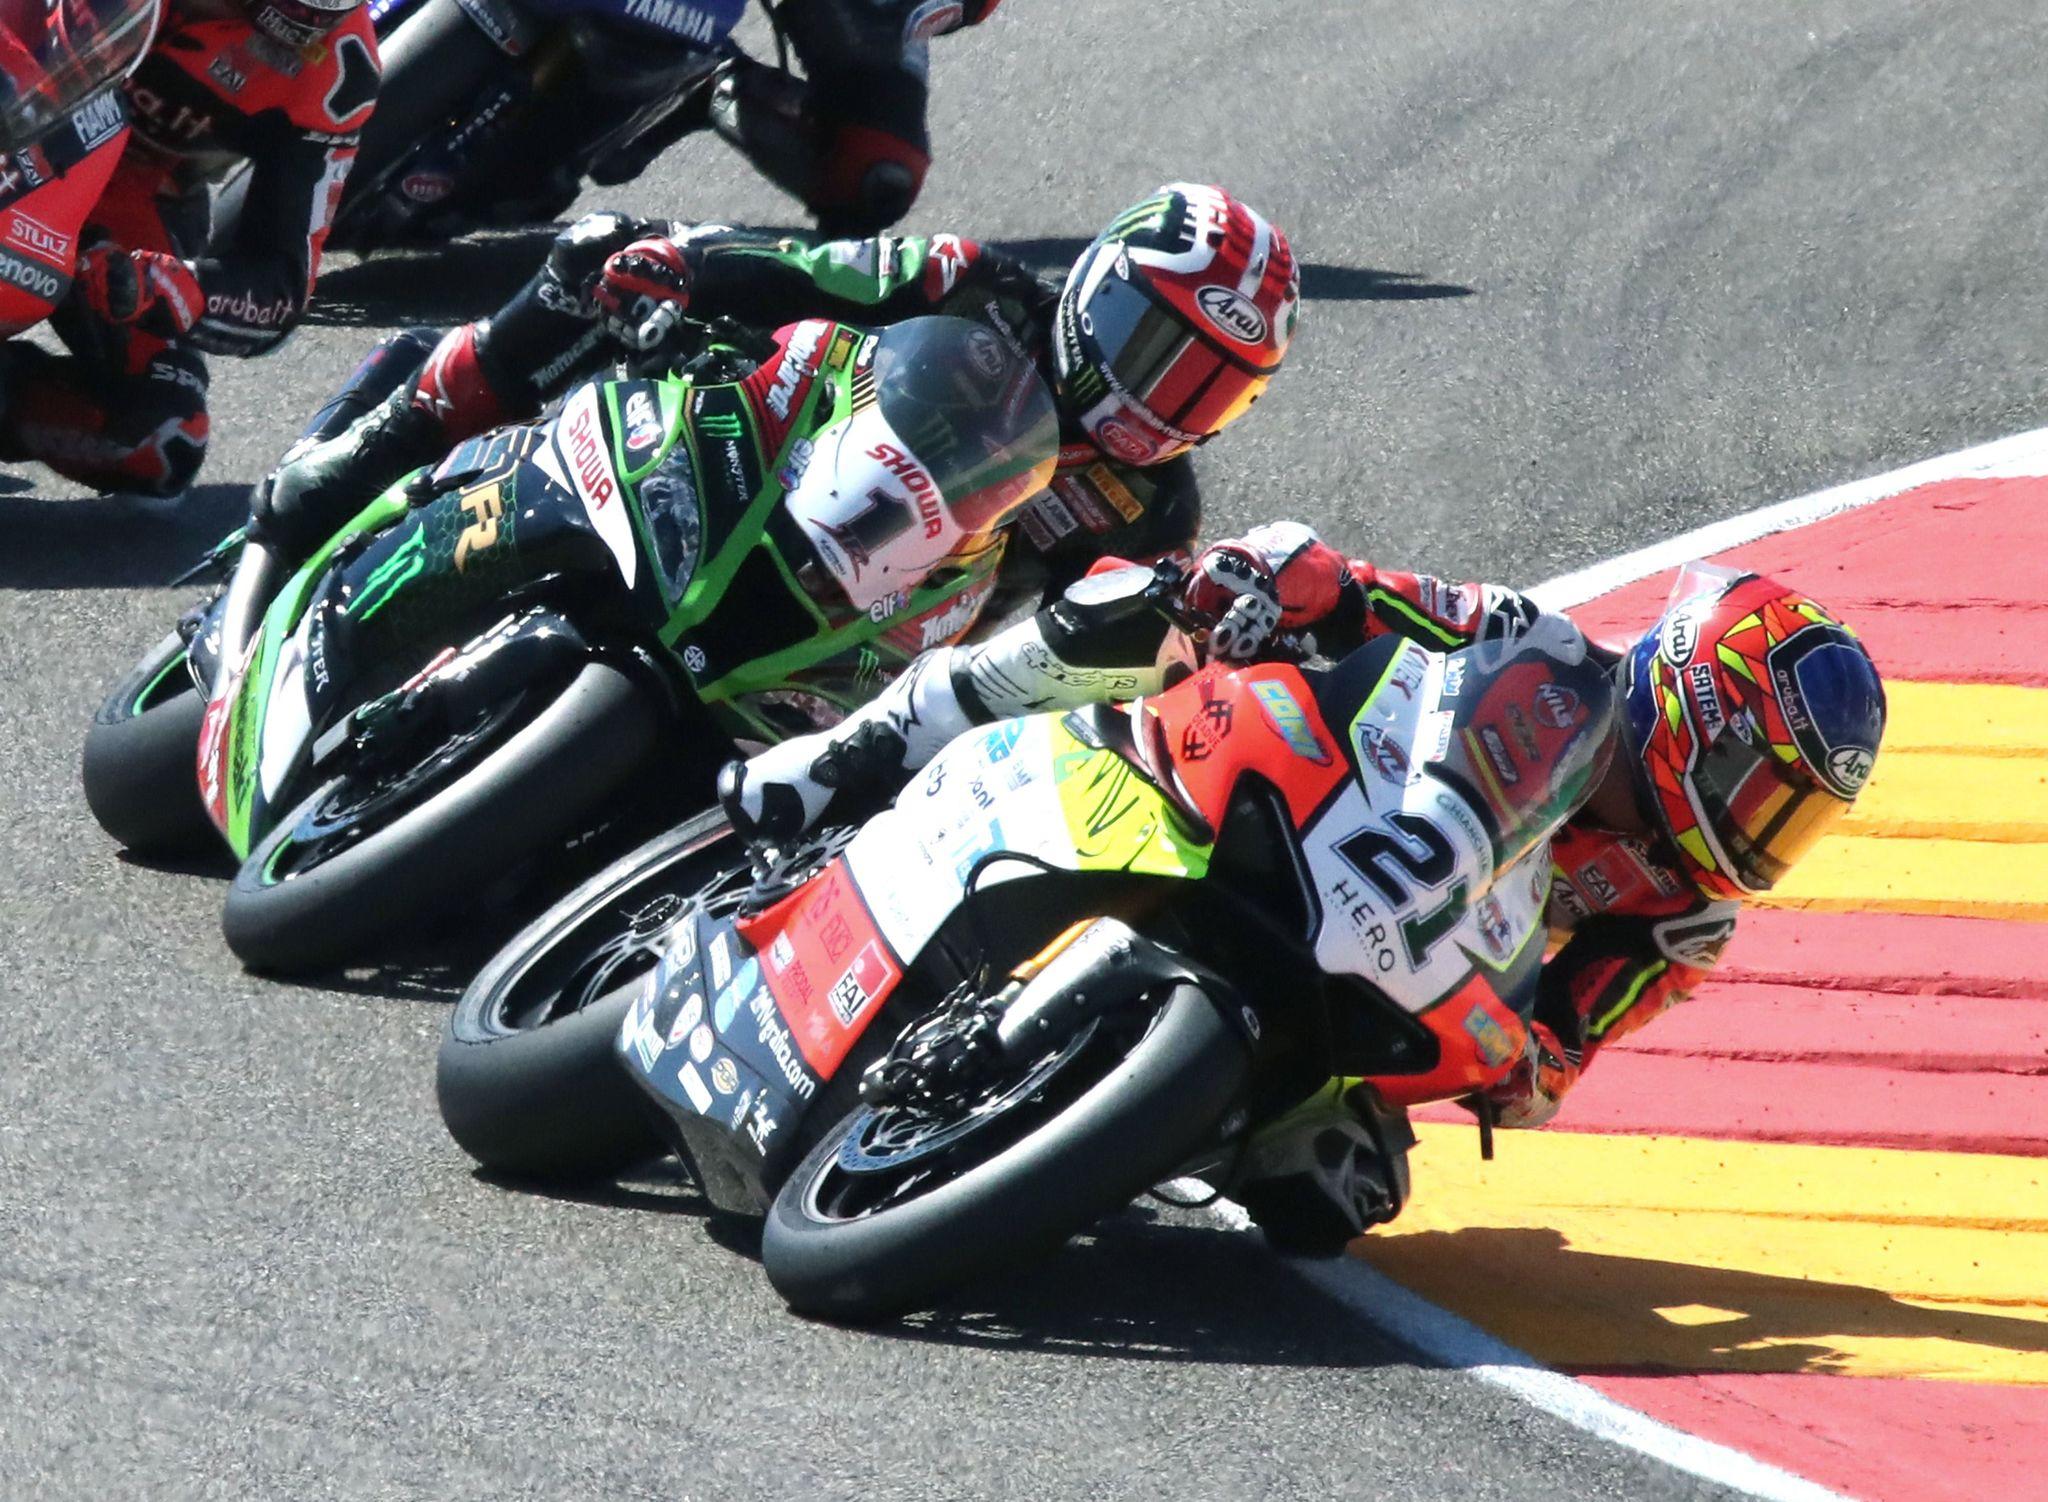 GRAF171. ALCAÑIZ (TERUEL), 05/09/2020.- El piloto de Ducati Michael Ruben Rinaldi (dcha) toma una cura seguido por Jonathan Rea (1) durante la primera carrera de lt;HIT gt;Superbikes lt;/HIT gt; disputada hoy sábado en el circuito turolense de Motorland Alcañiz, donde este fin de semana se disputan dos pruebas del Campeonato del Mundo de lt;HIT gt;Superbikes lt;/HIT gt;. EFE/Javier Cebollada